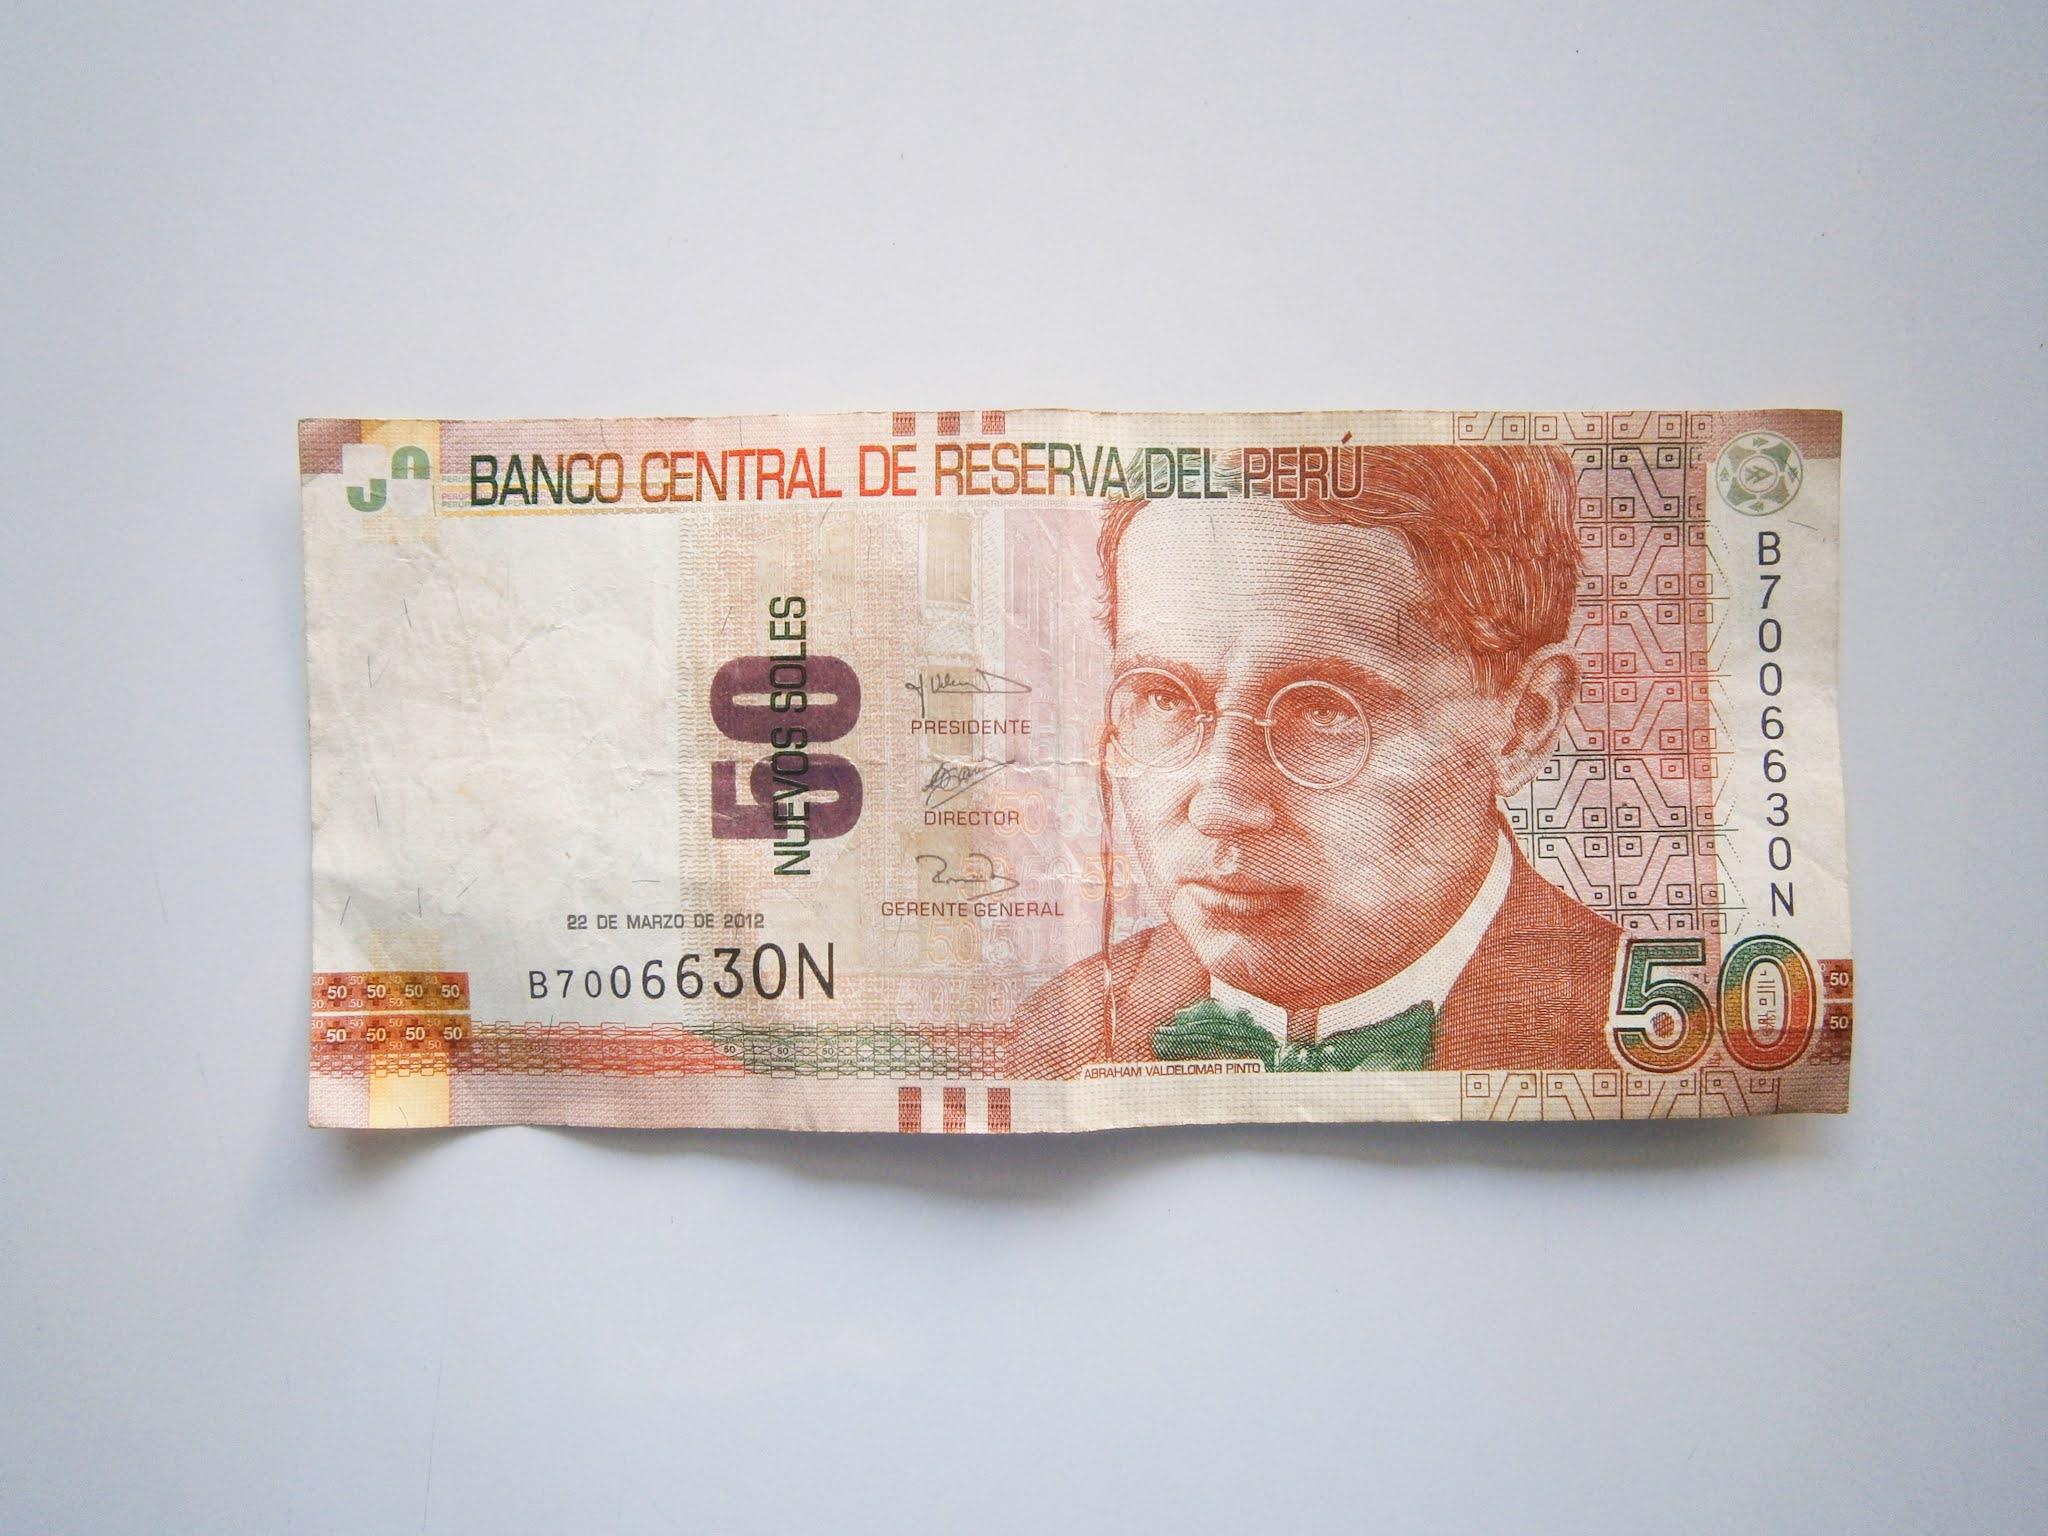 Billete de 50 soles que pertenece al país de Perú Billete de 50 soles